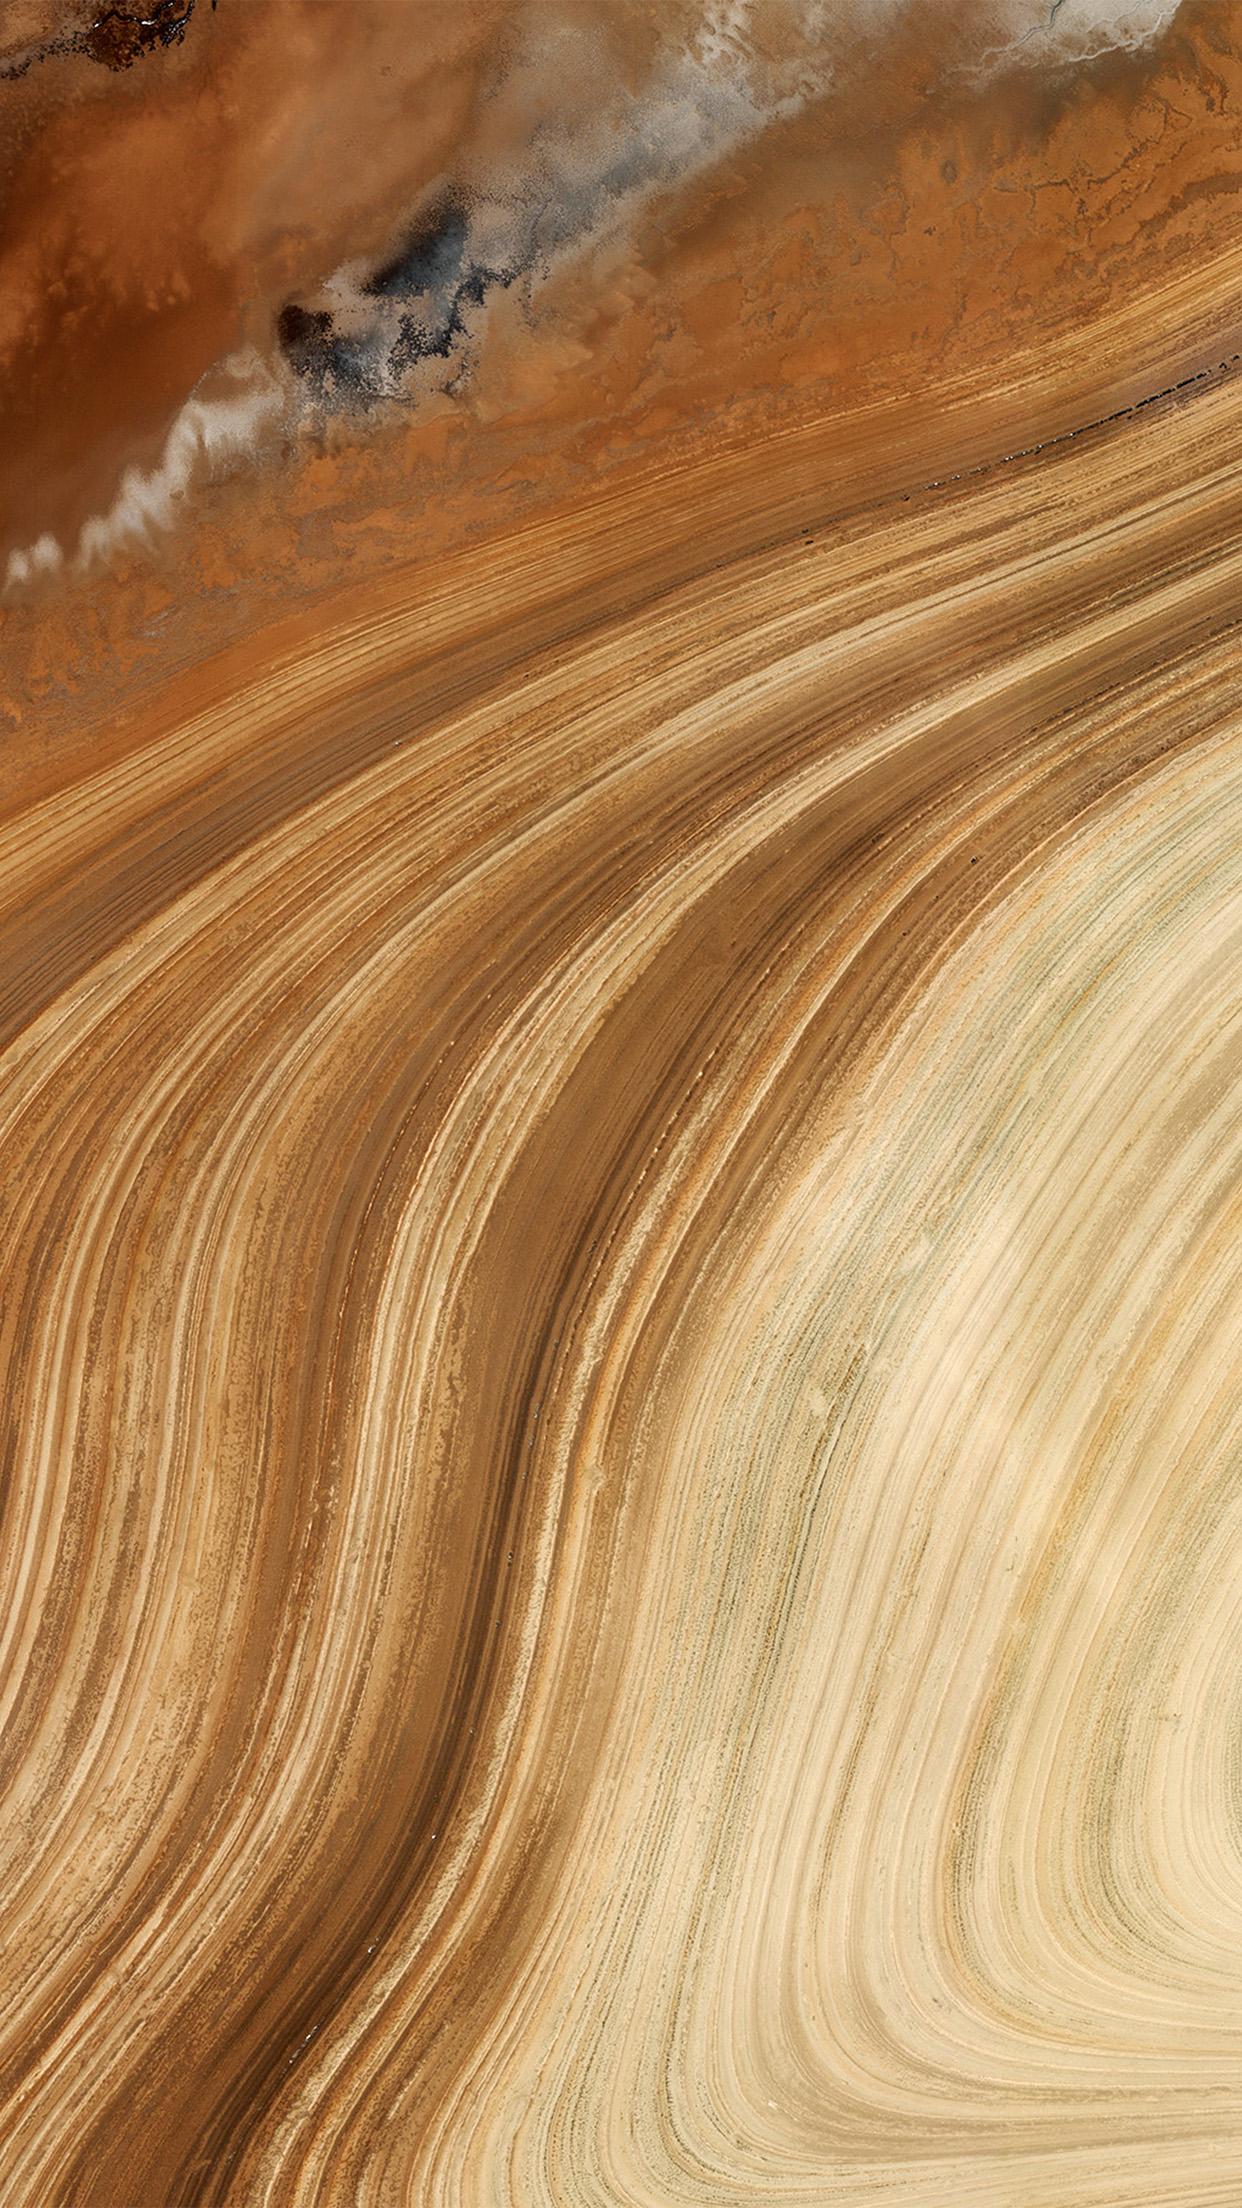 av57-earthview-land-orange-golden-curve-nature-wallpaper